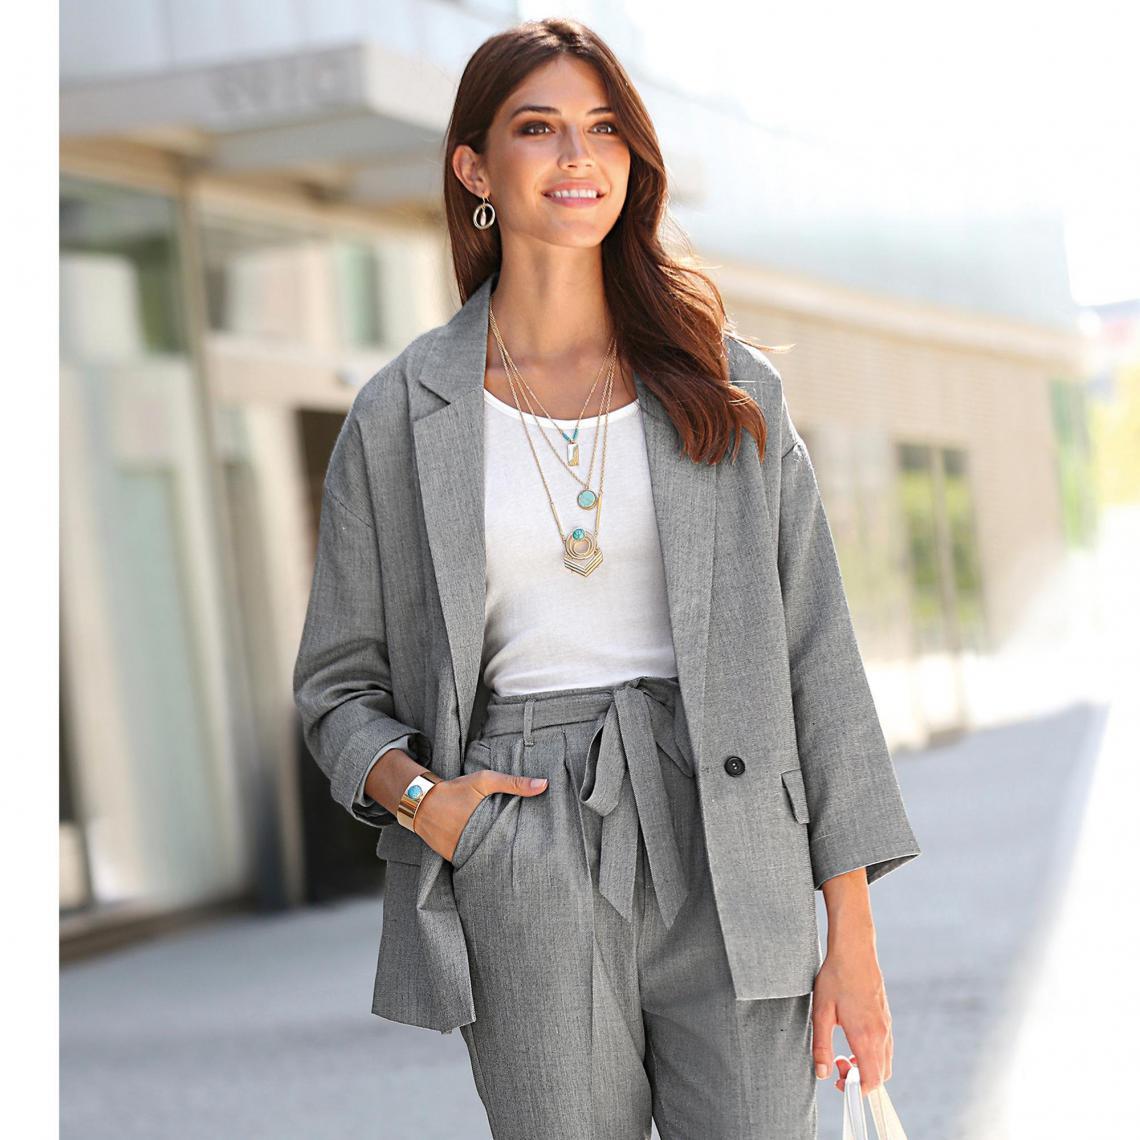 Veste tailleur femme Exclusivité 3SUISSES - Gris 3 Suisses Femme 5ddf56815e11